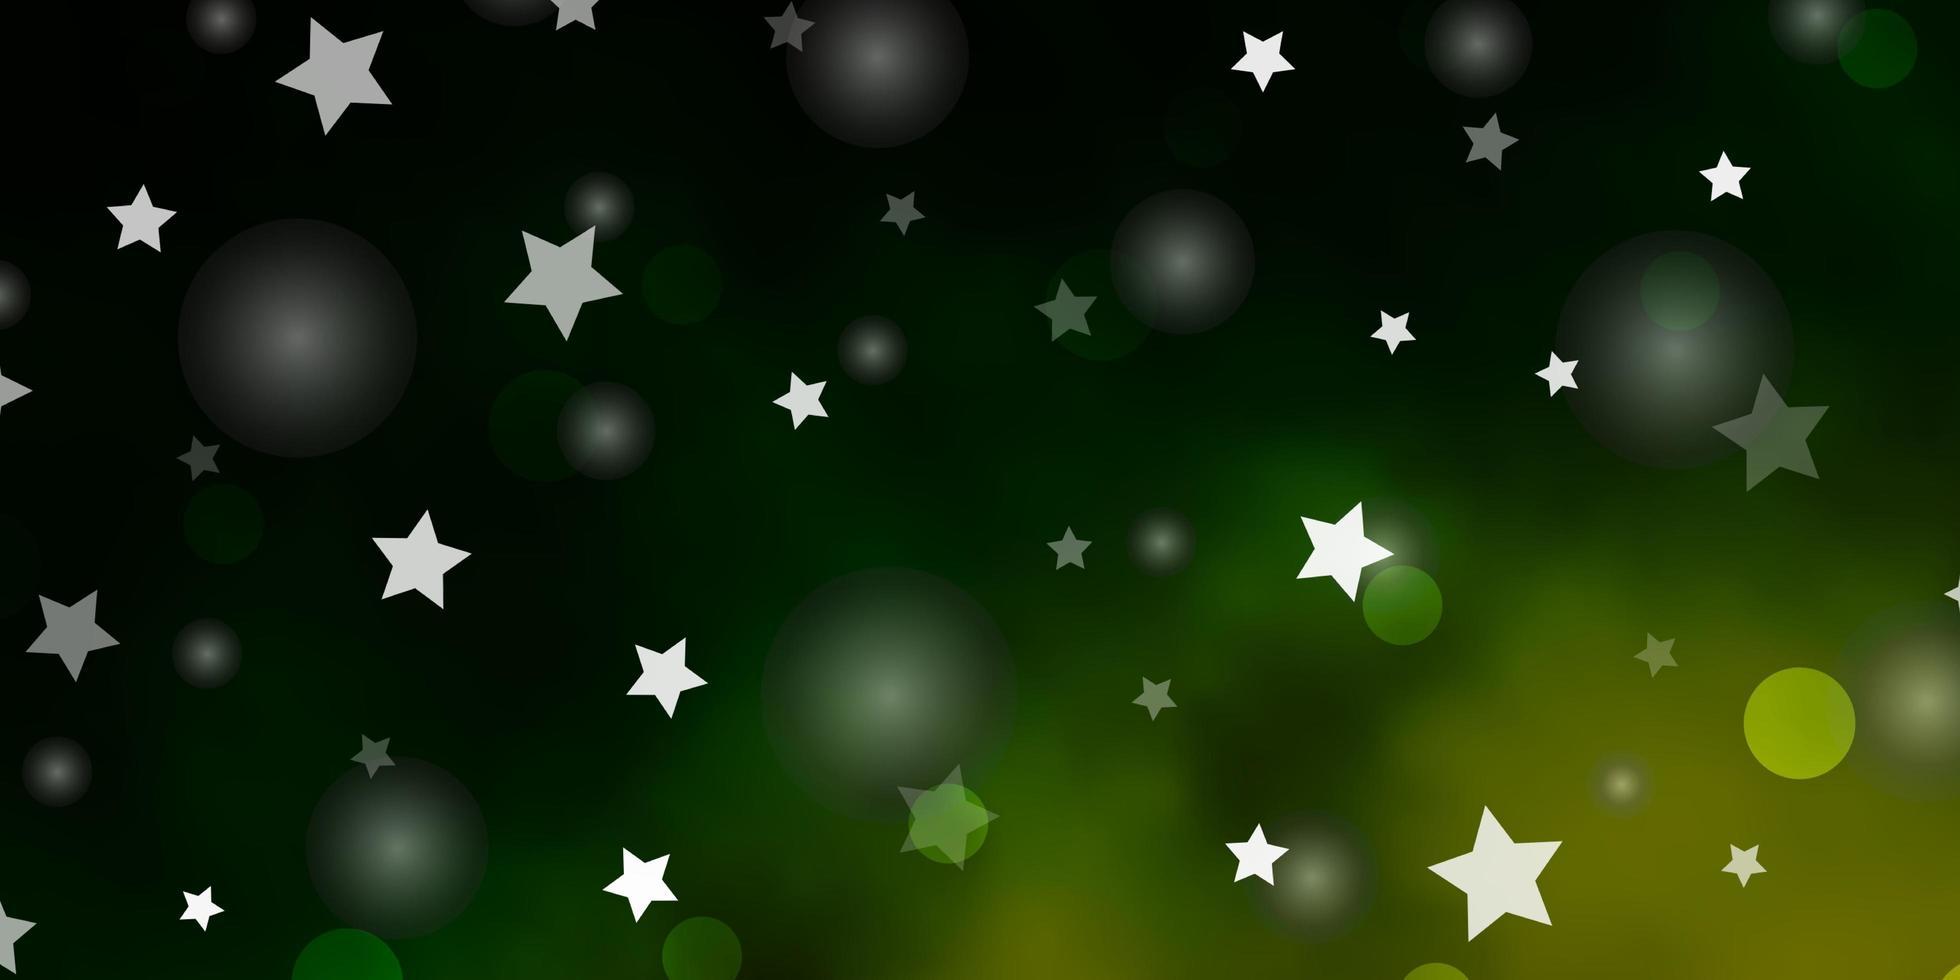 modelo verde escuro com círculos, estrelas. vetor